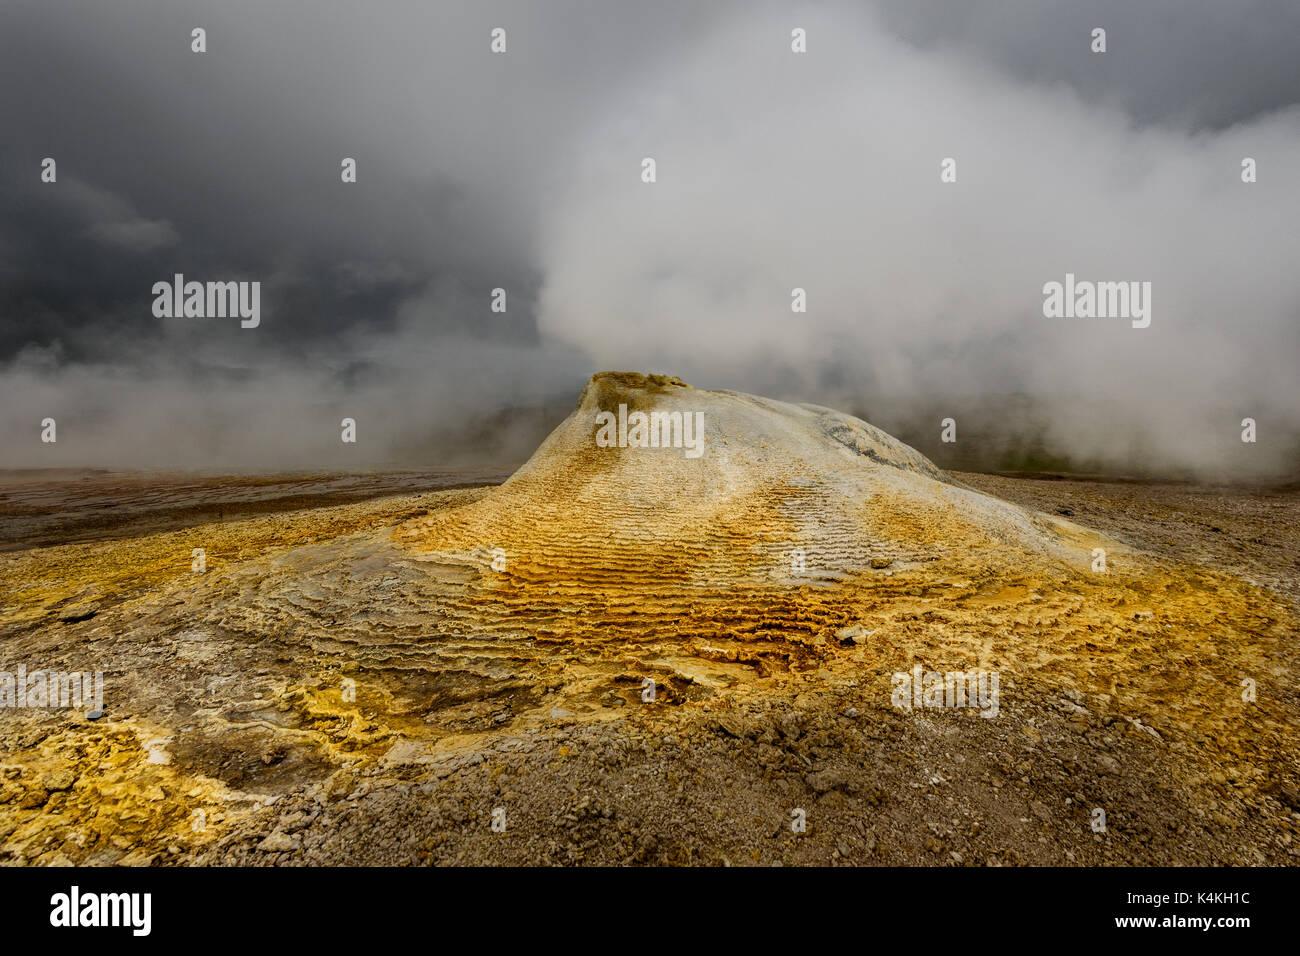 Évents à vapeur chaude dans la zone géothermique de Hveravellir. Photo Stock